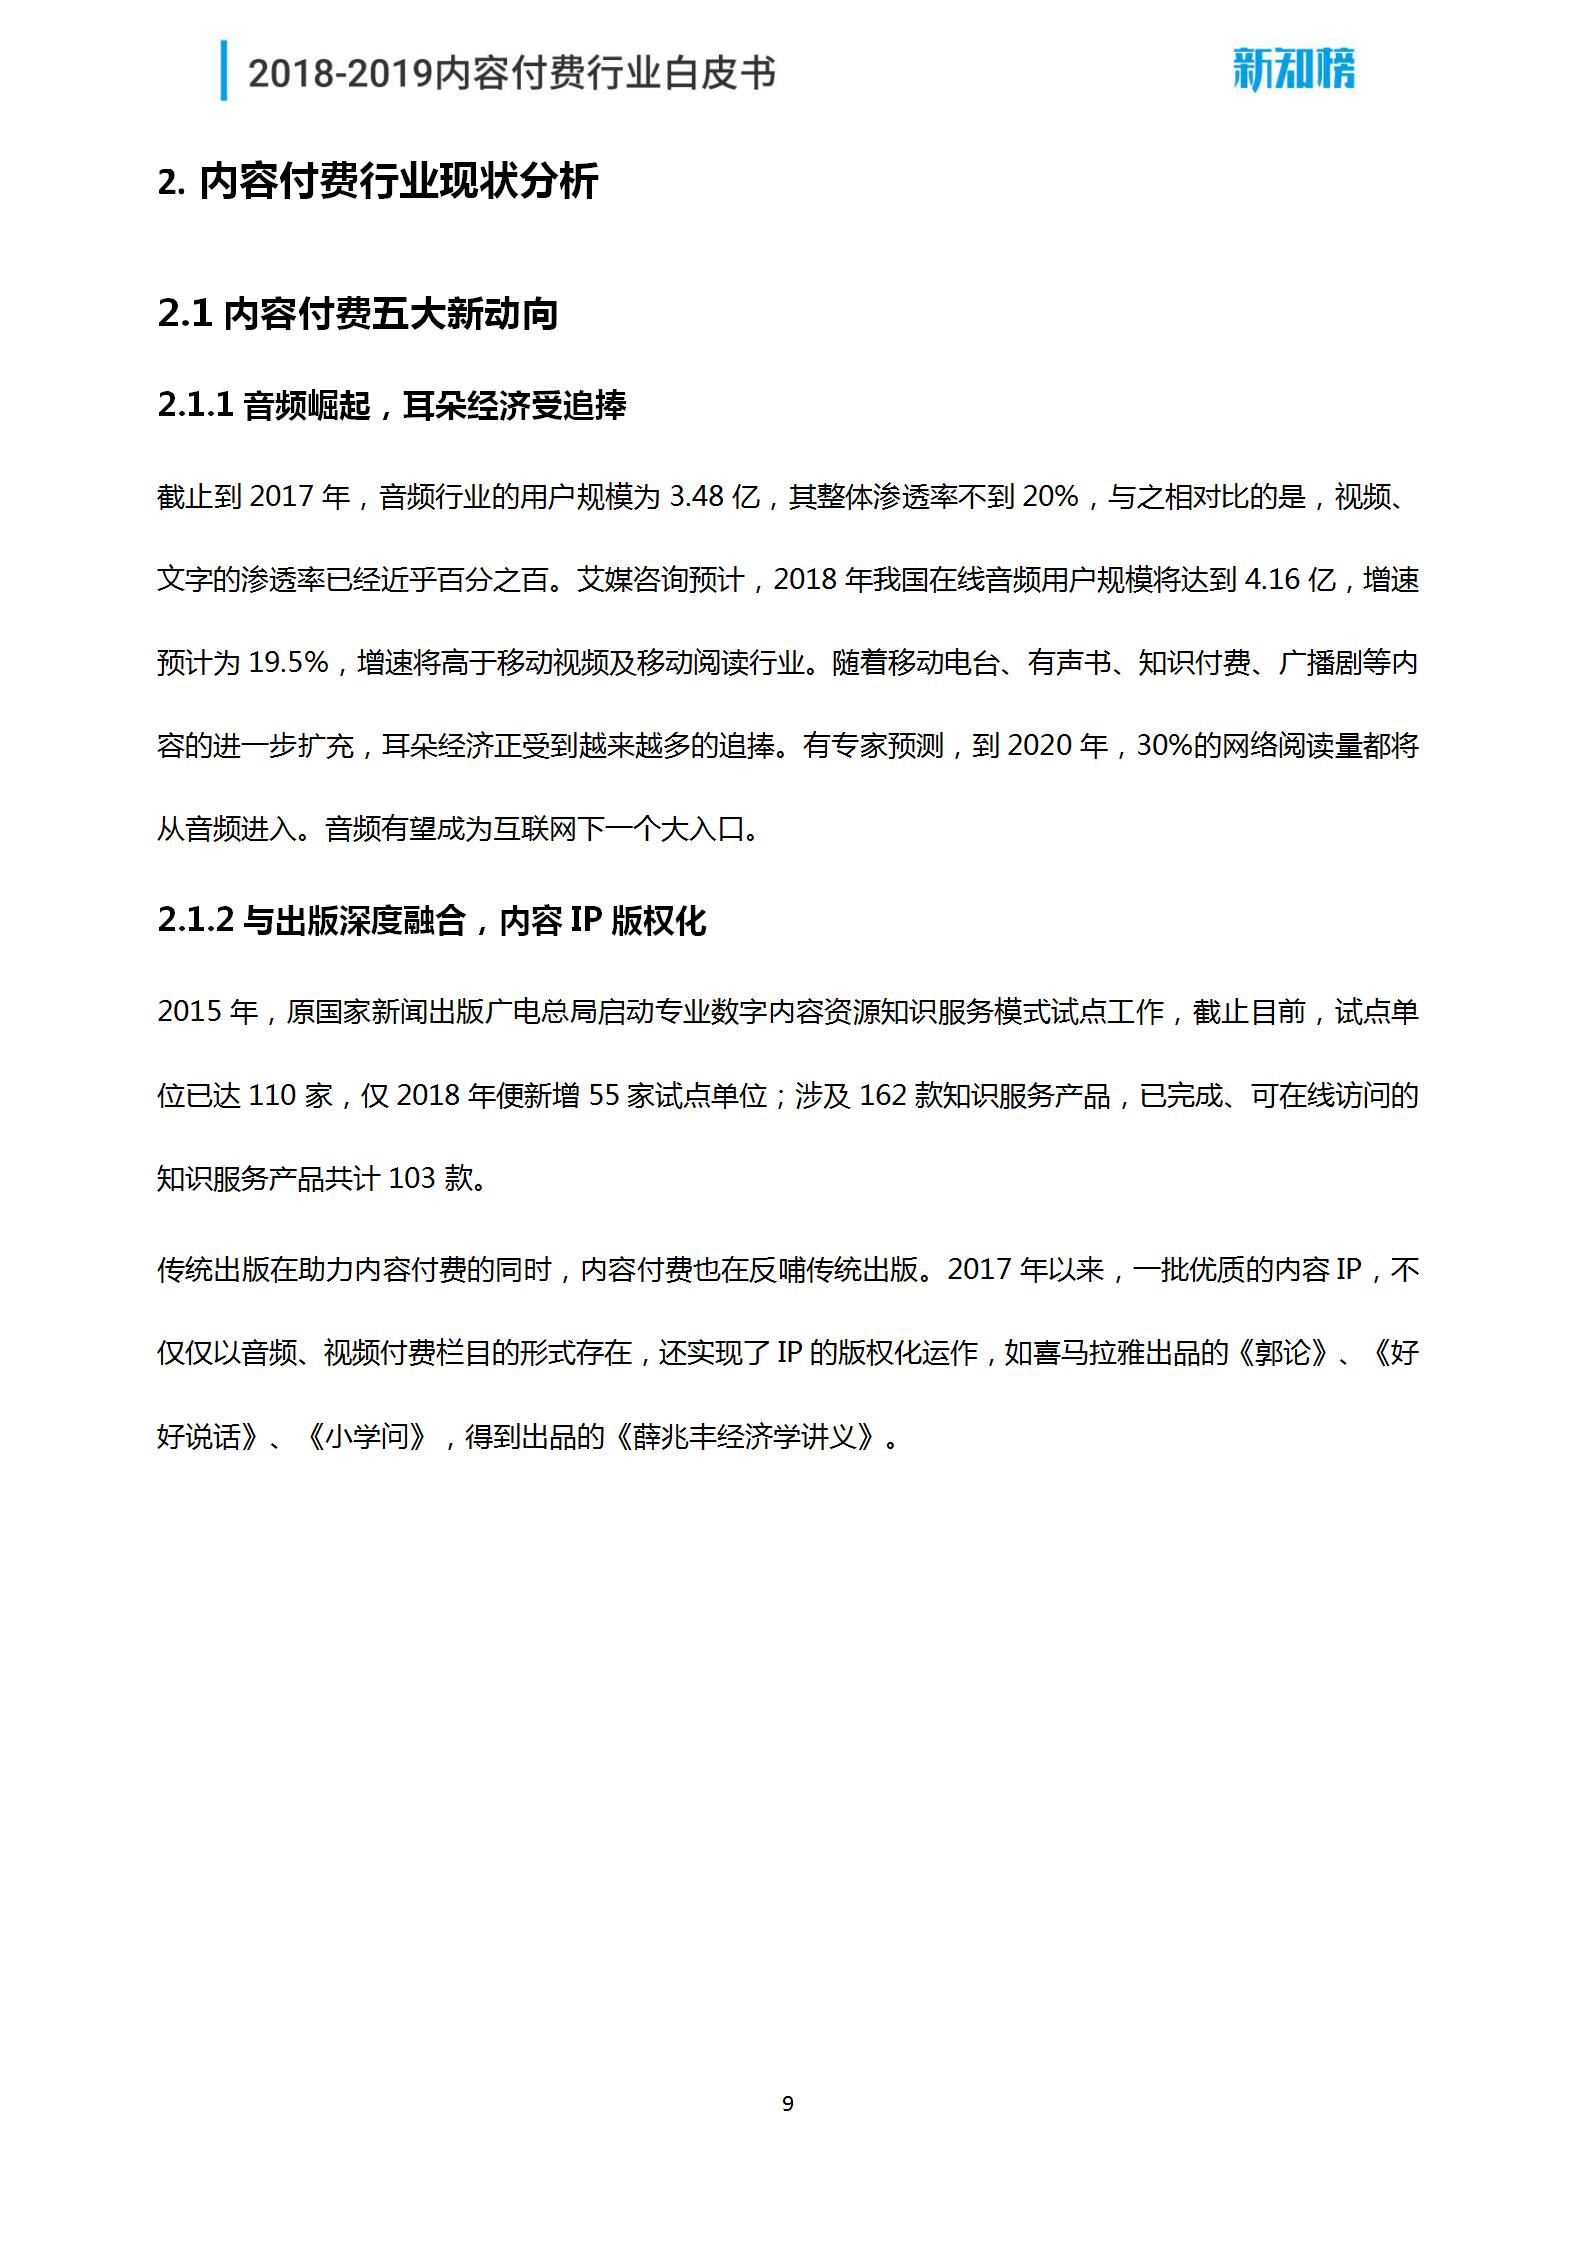 新知榜2018-2019内容付费行业白皮书_09.png